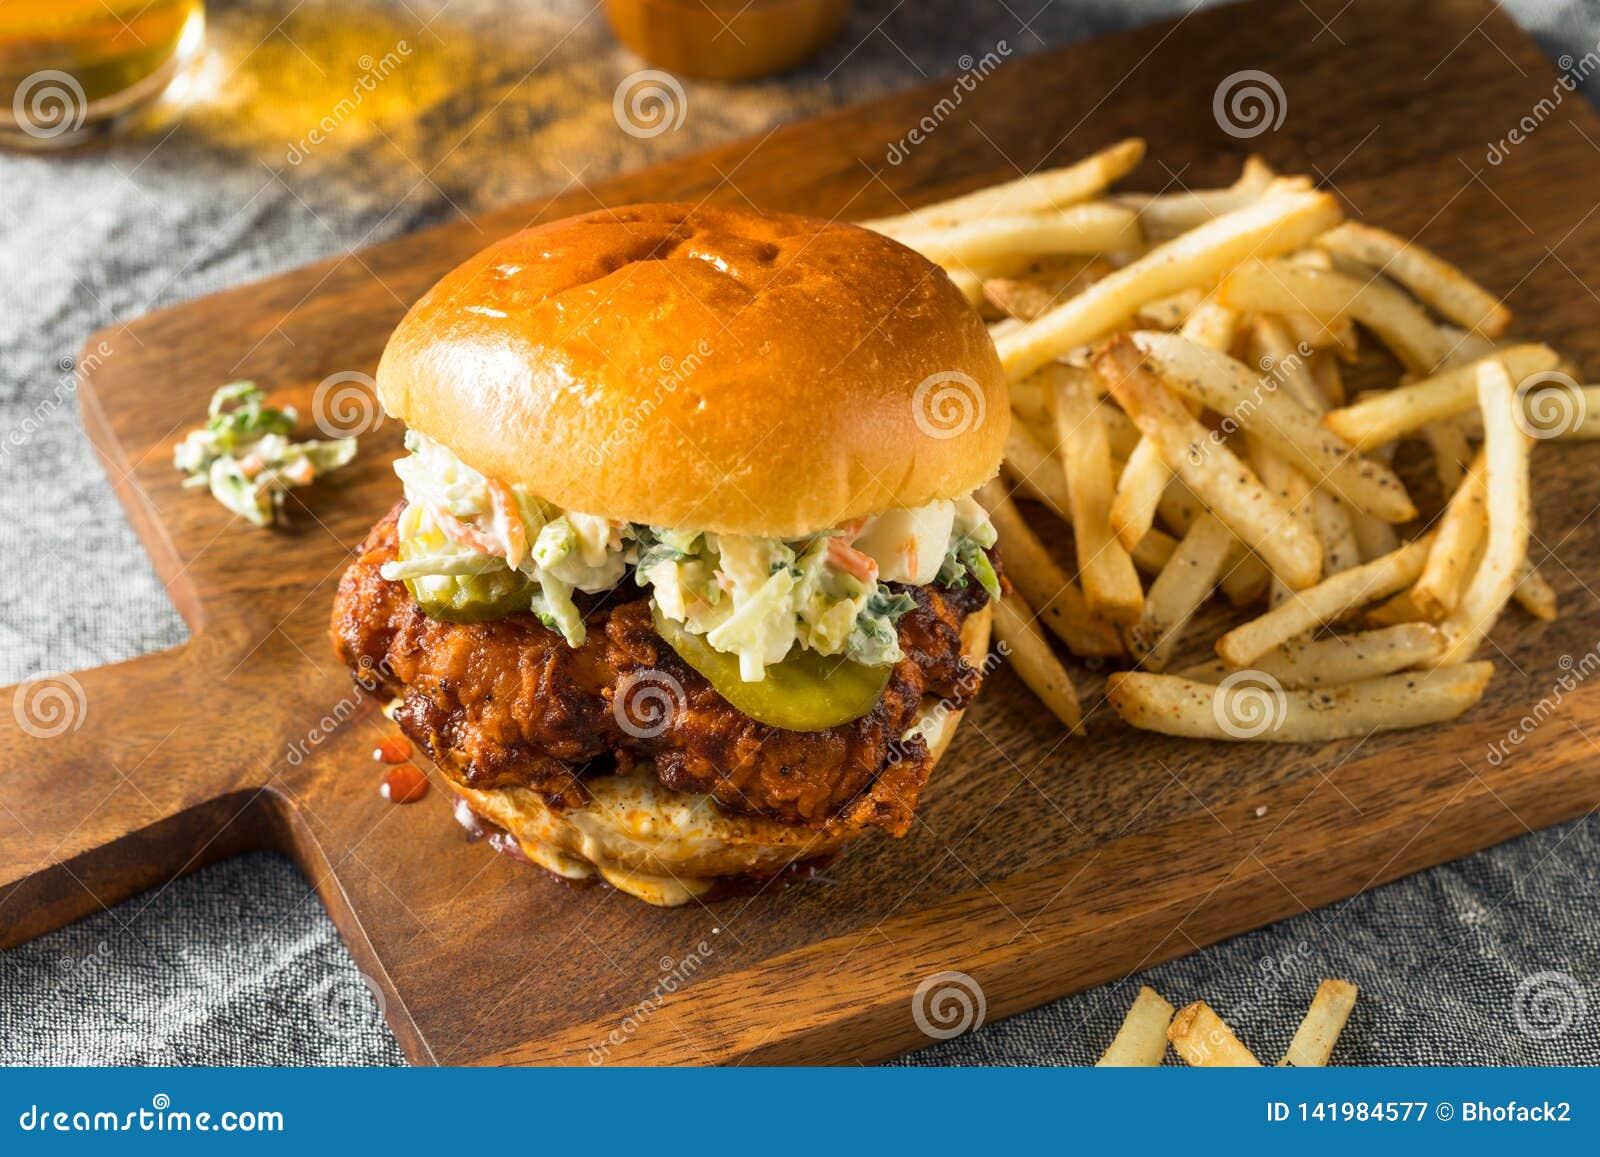 Sandwich au poulet chaud épicé fait maison de Nashville